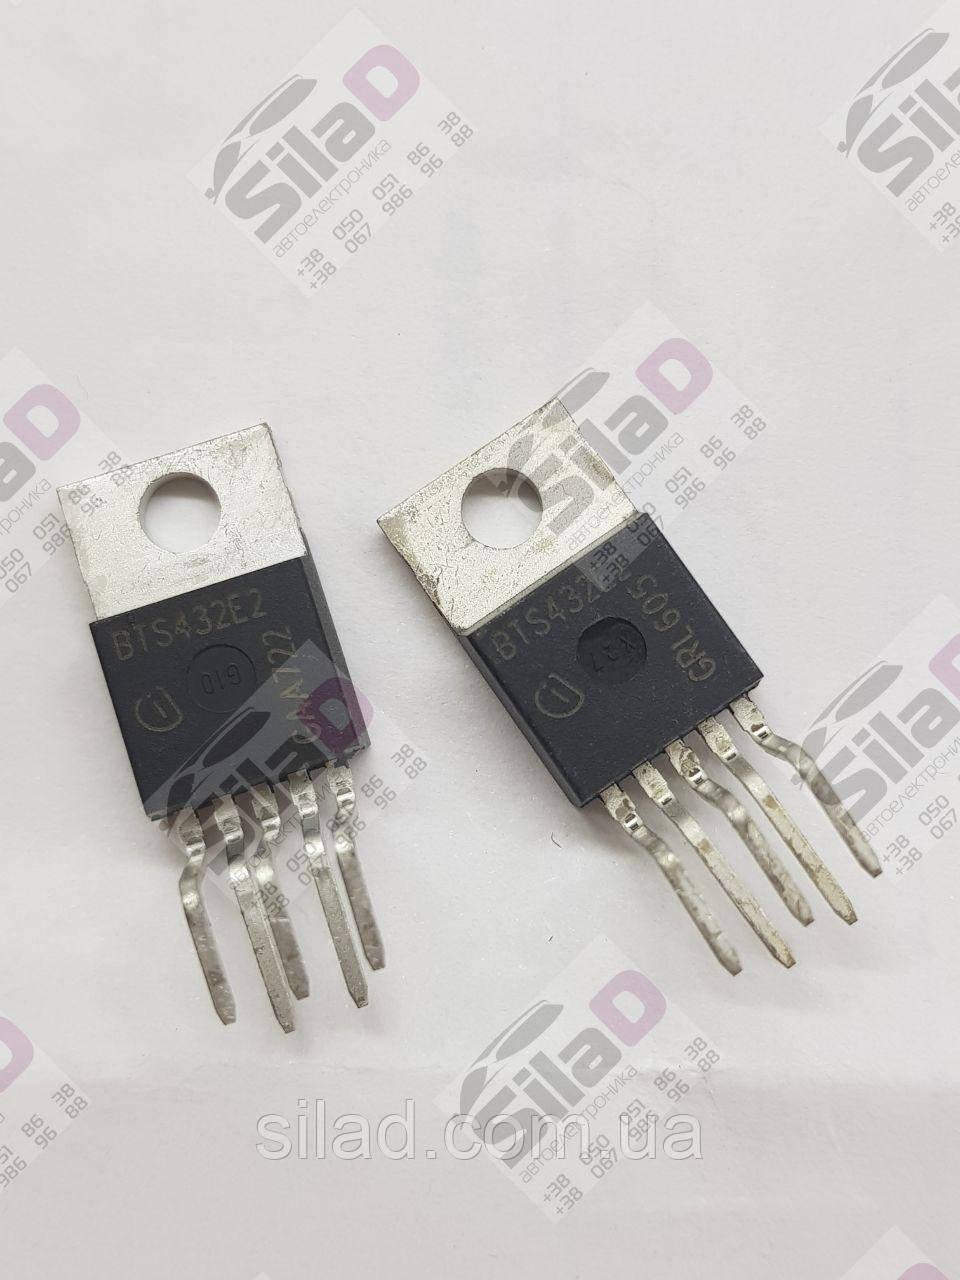 Транзистор BTS432E2 Infineon корпус TO220-5